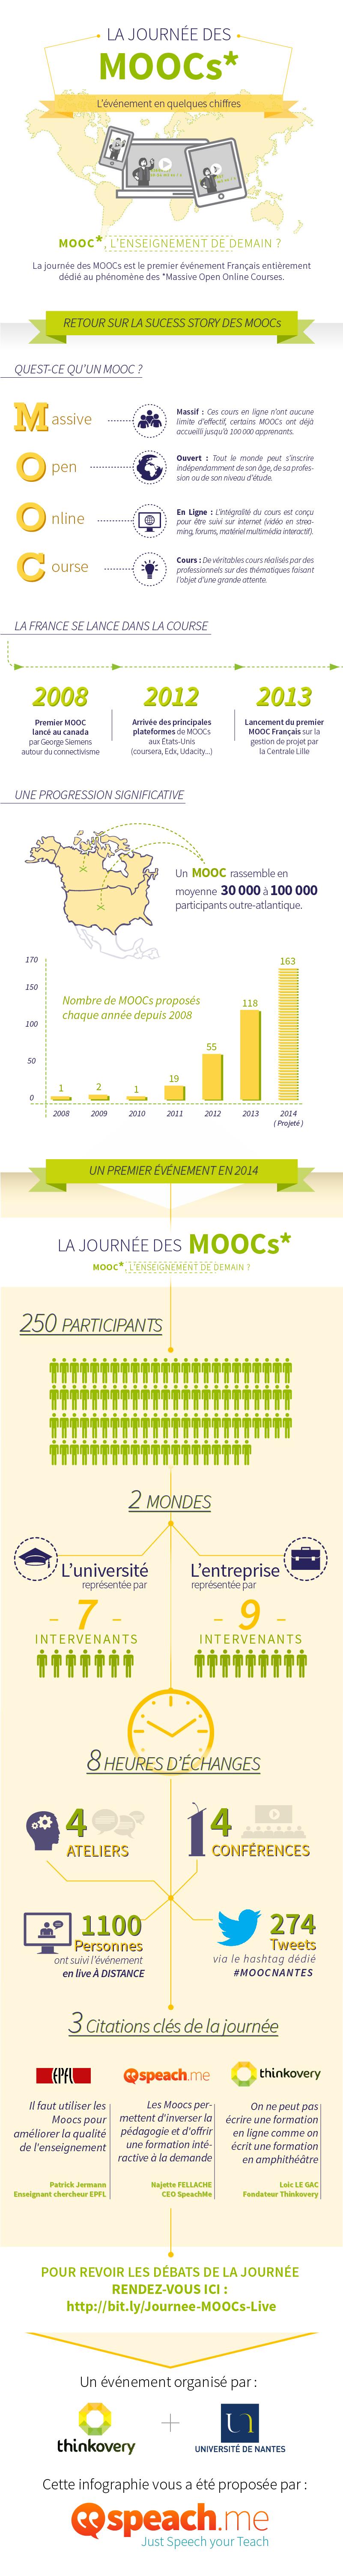 Infographie sur la Journée des MOOCs réalisée par http://speach.me/